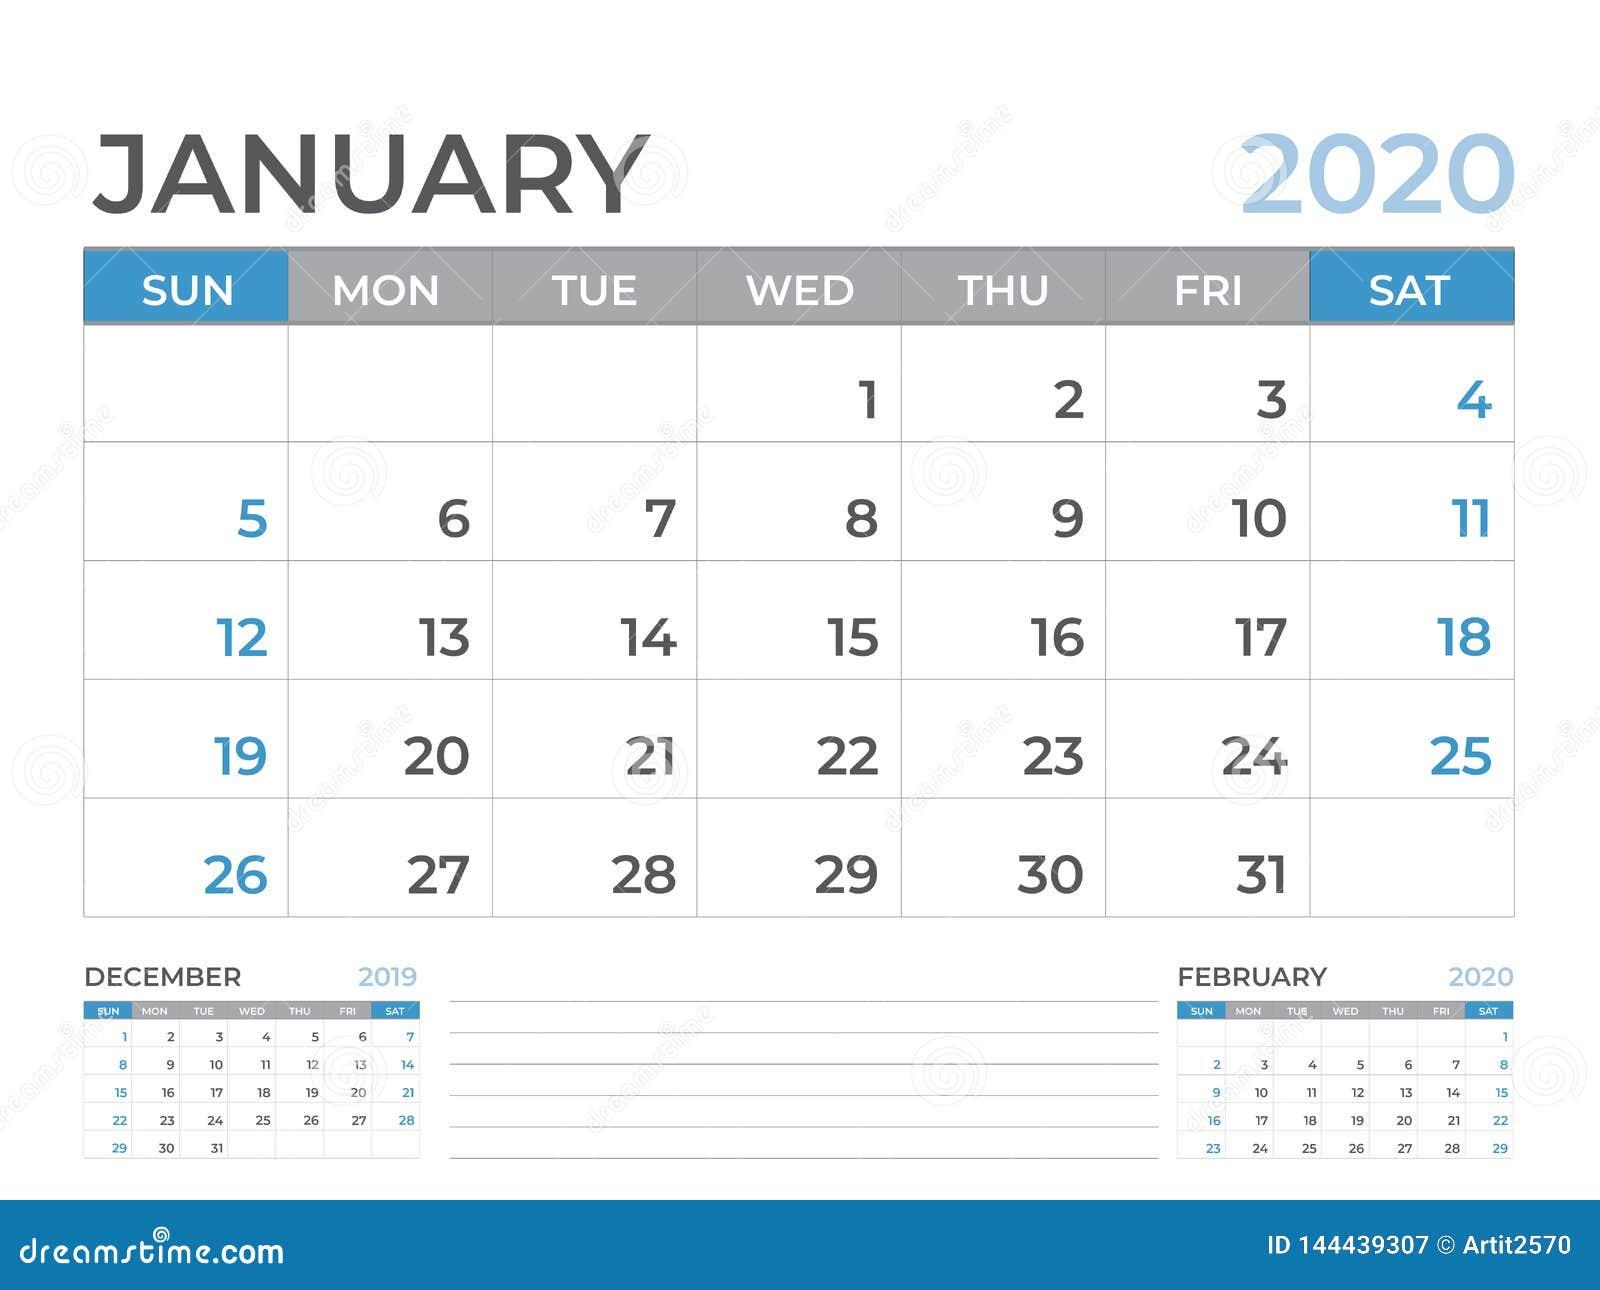 Januari 2020 kalendermall, format för skrivbordkalenderorientering 8 x 6 tum, stadsplaneraredesign, veckastarter på söndag, brevp